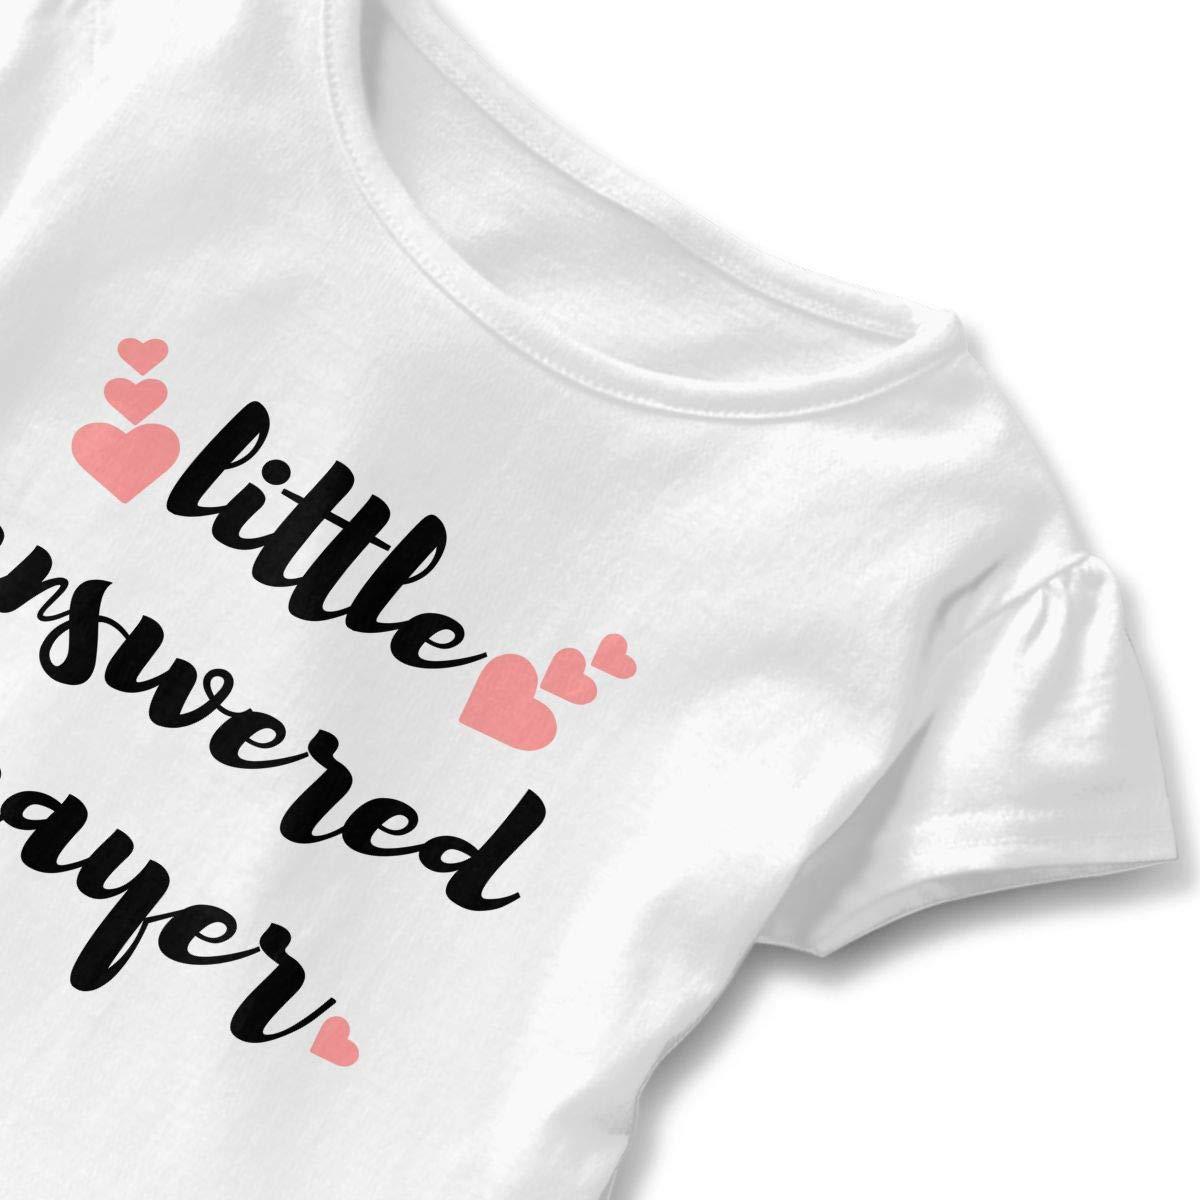 Cheng Jian Bo Little Answered Prayer Heart Toddler Girls T Shirt Kids Cotton Short Sleeve Ruffle Tee